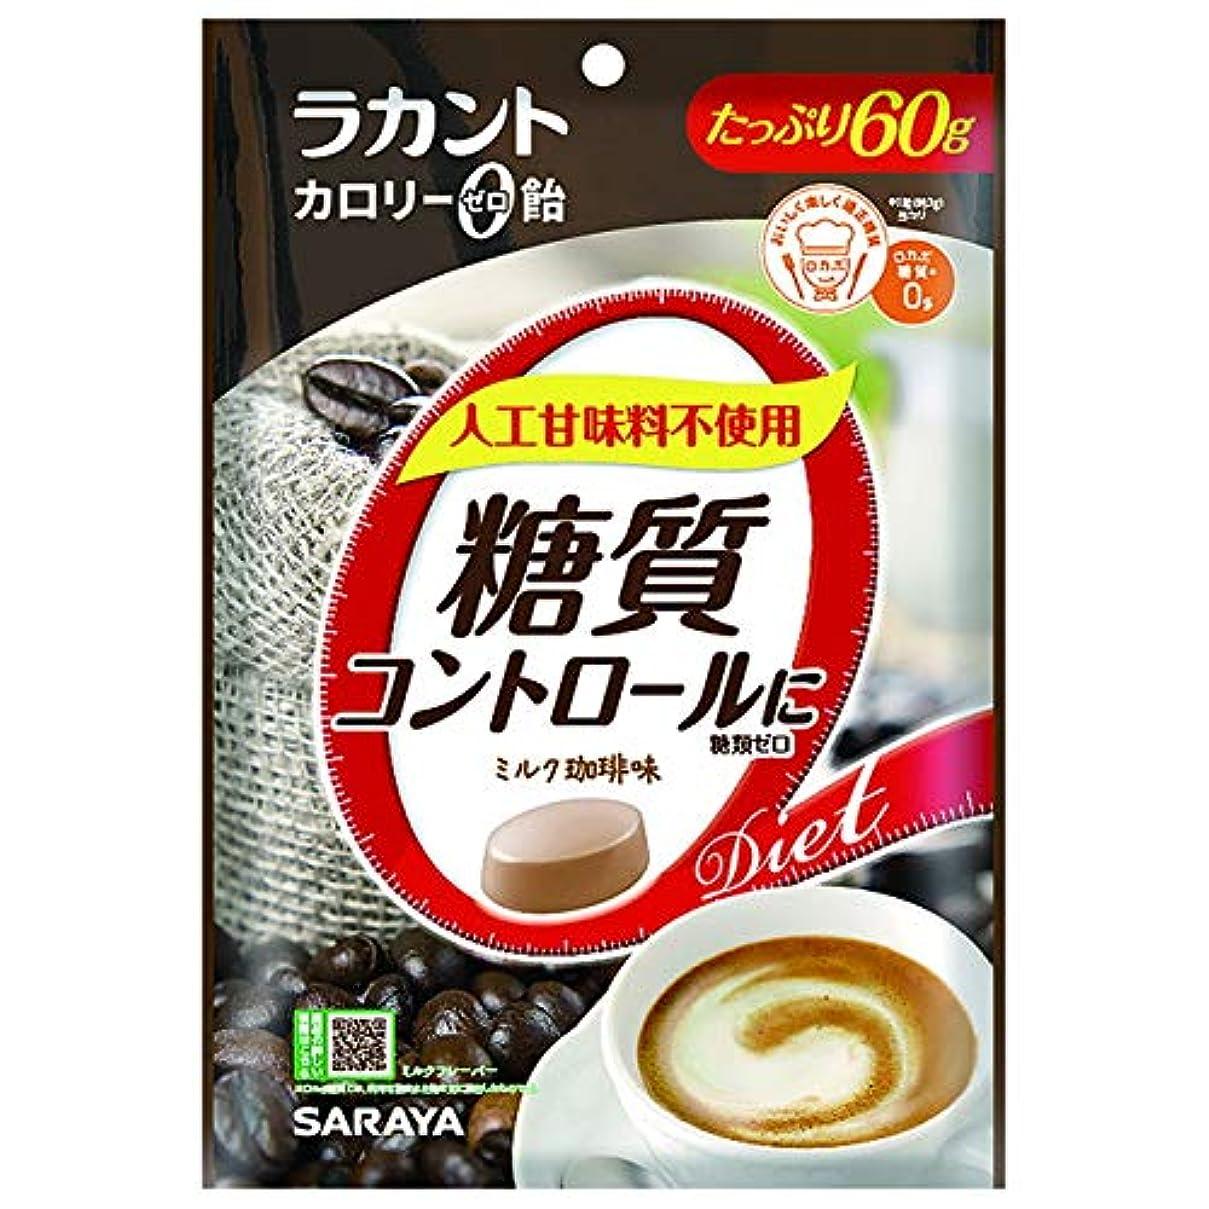 ラウズ機知に富んだ主婦ラカント カロリーゼロ飴 ミルク珈琲 60g【3個セット】